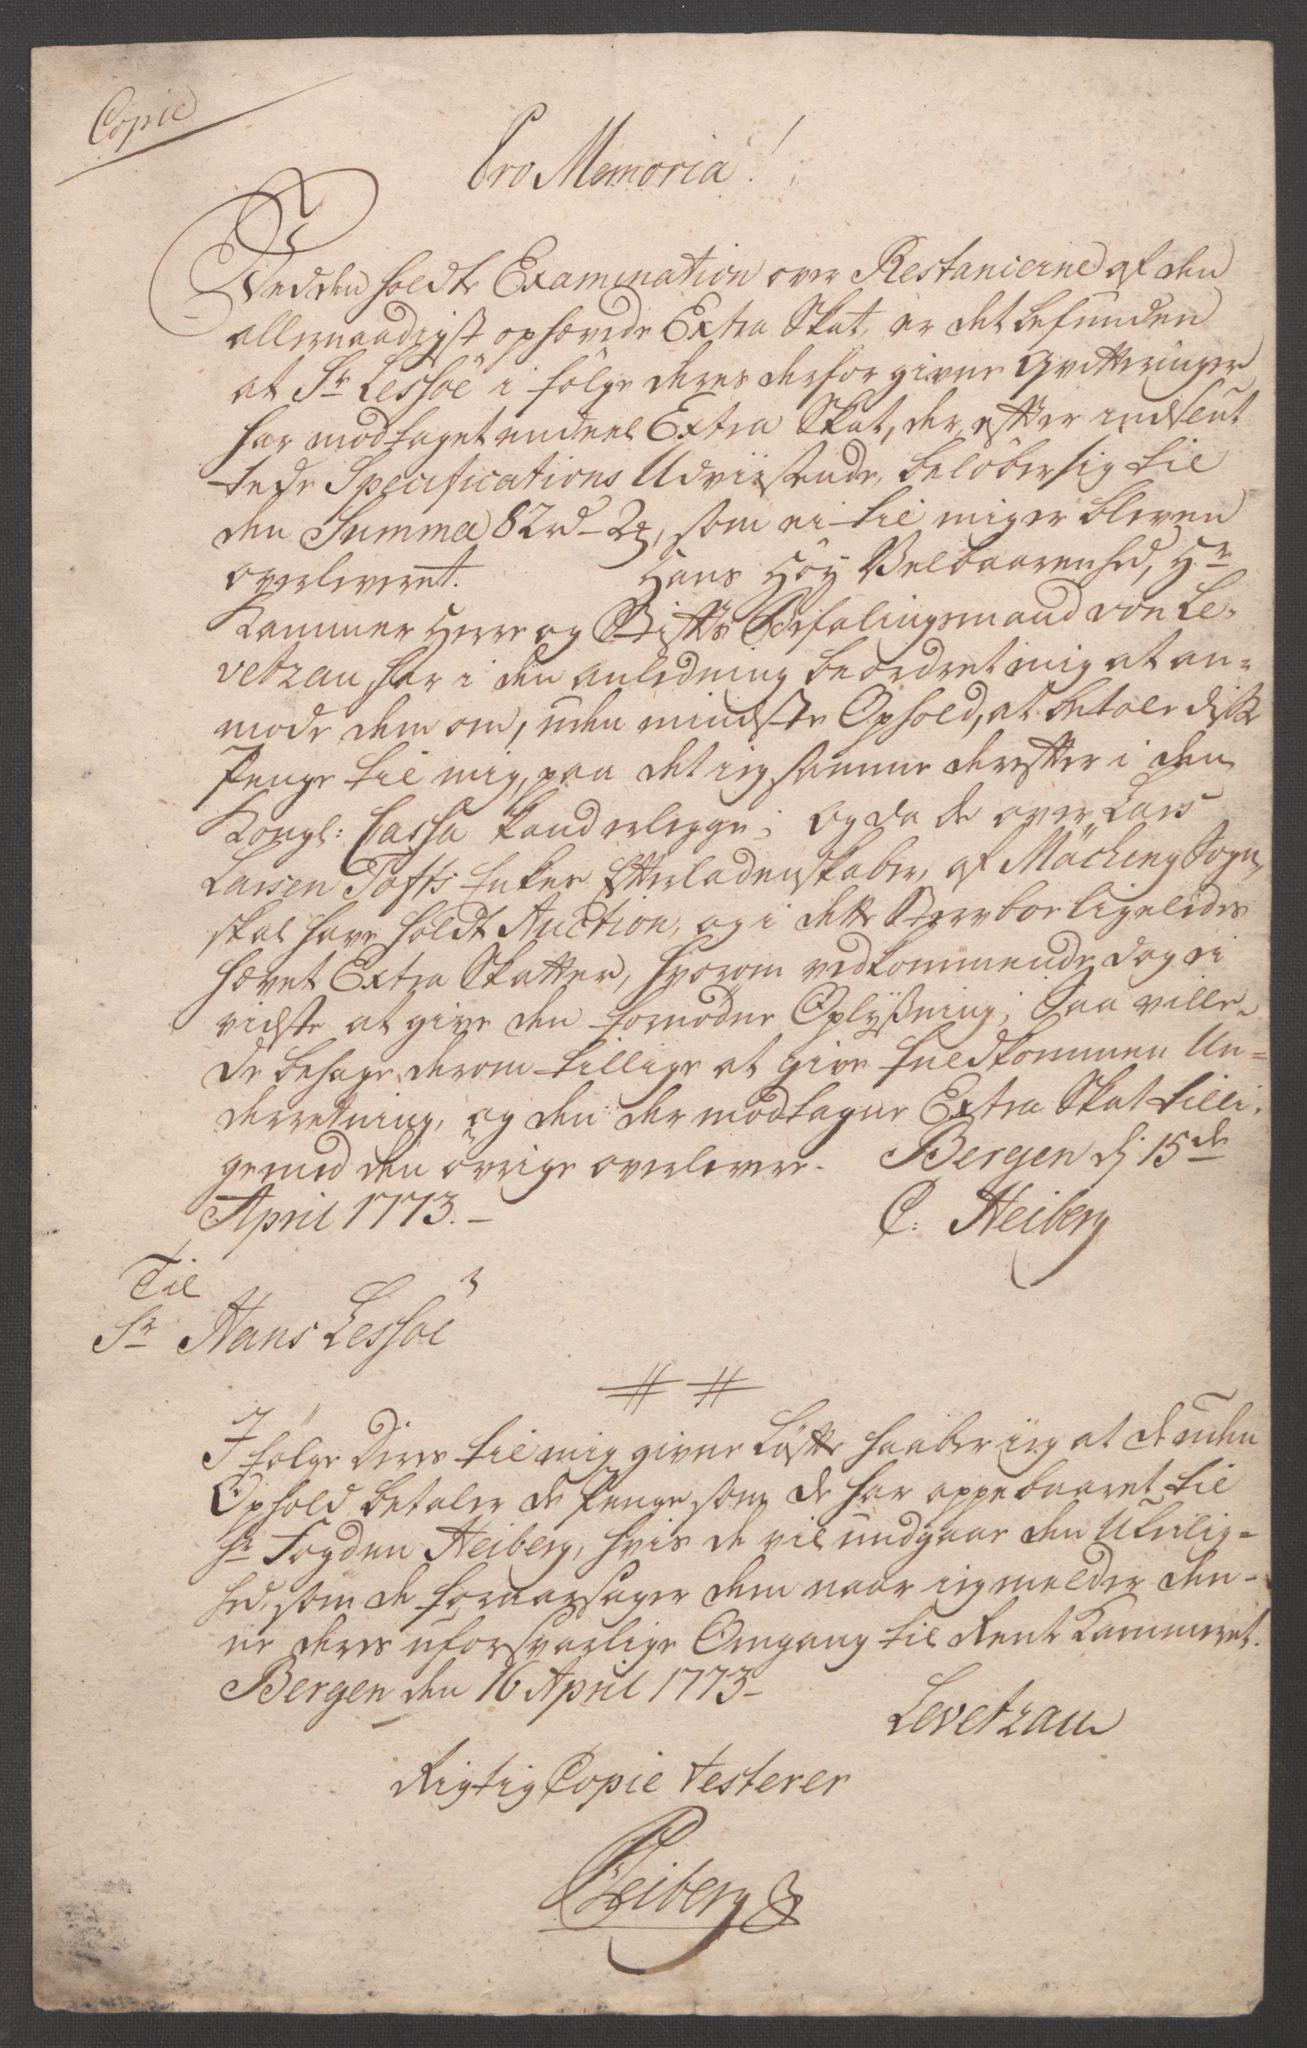 RA, Rentekammeret inntil 1814, Reviderte regnskaper, Fogderegnskap, R51/L3303: Ekstraskatten Nordhordland og Voss, 1762-1772, s. 694